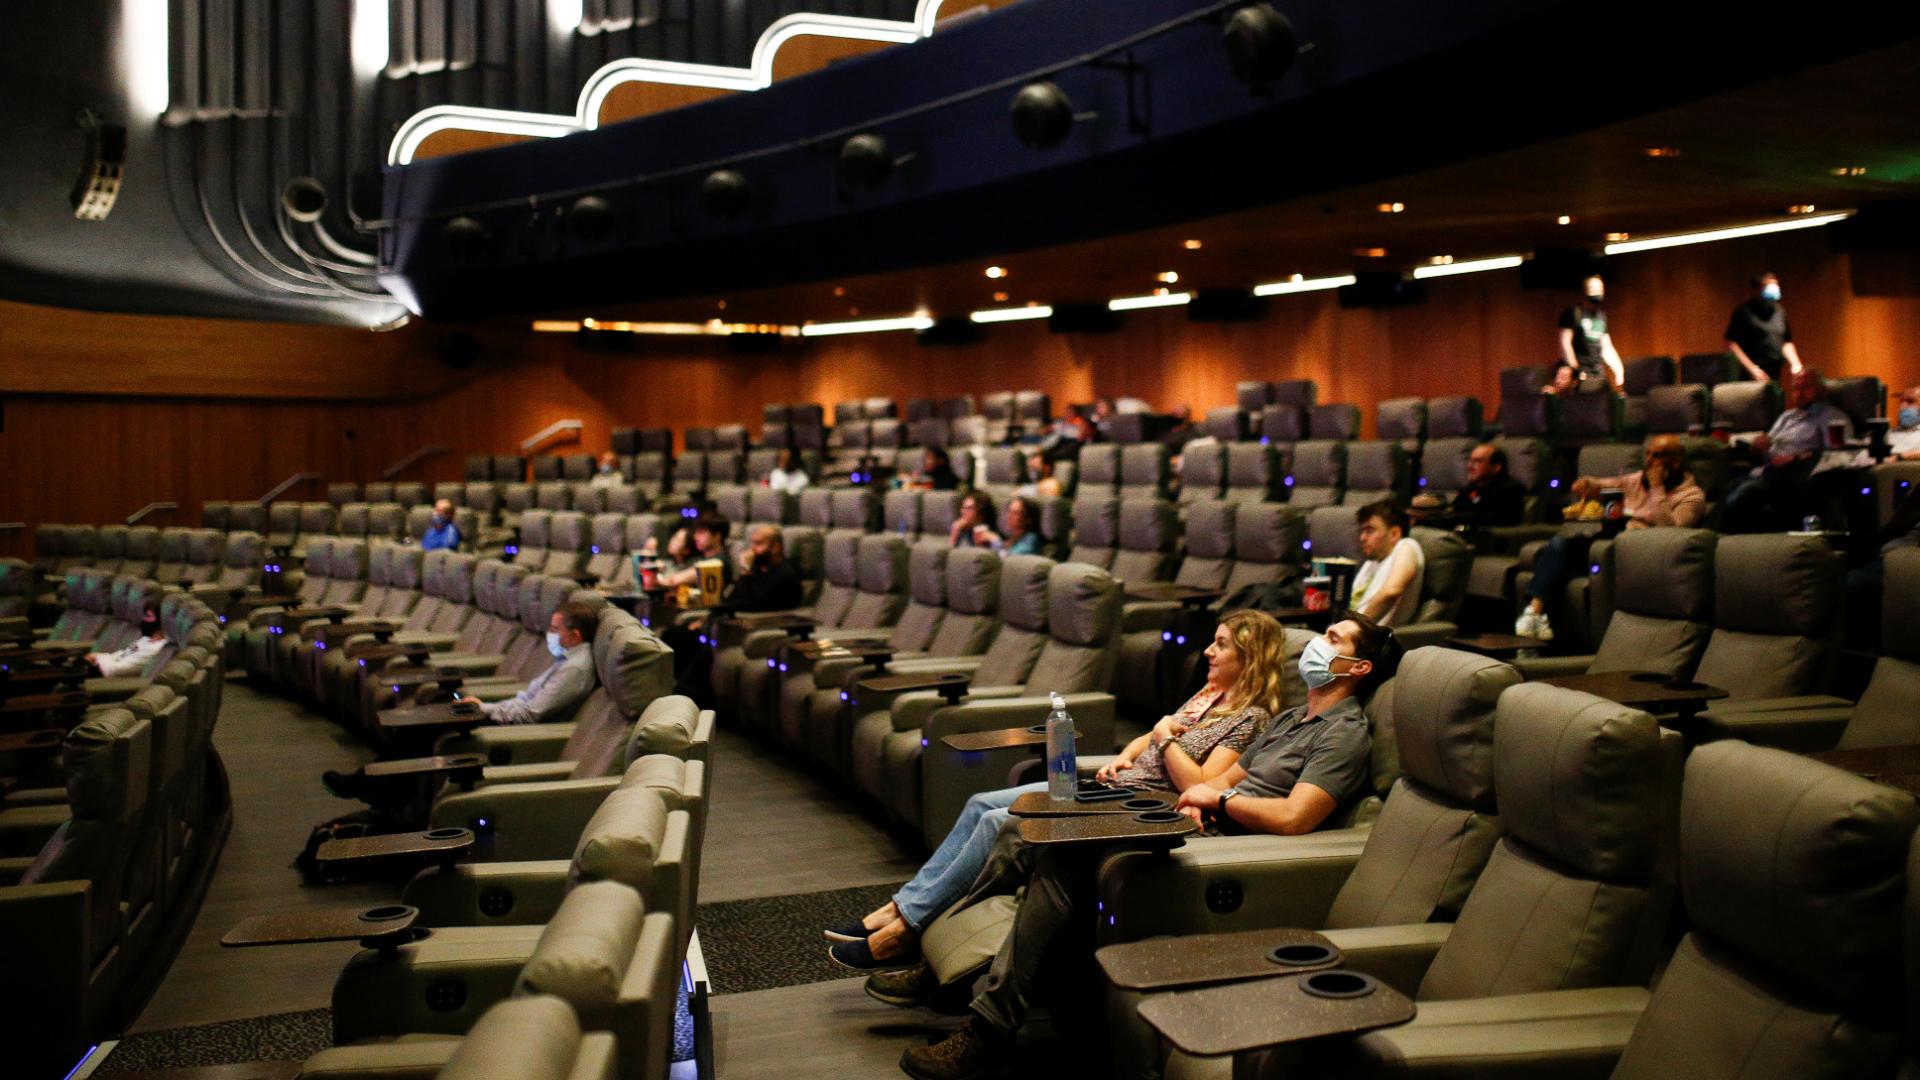 Sessão de Tenet em cinema de Londres, na inglaterra, na estreia do filme no país